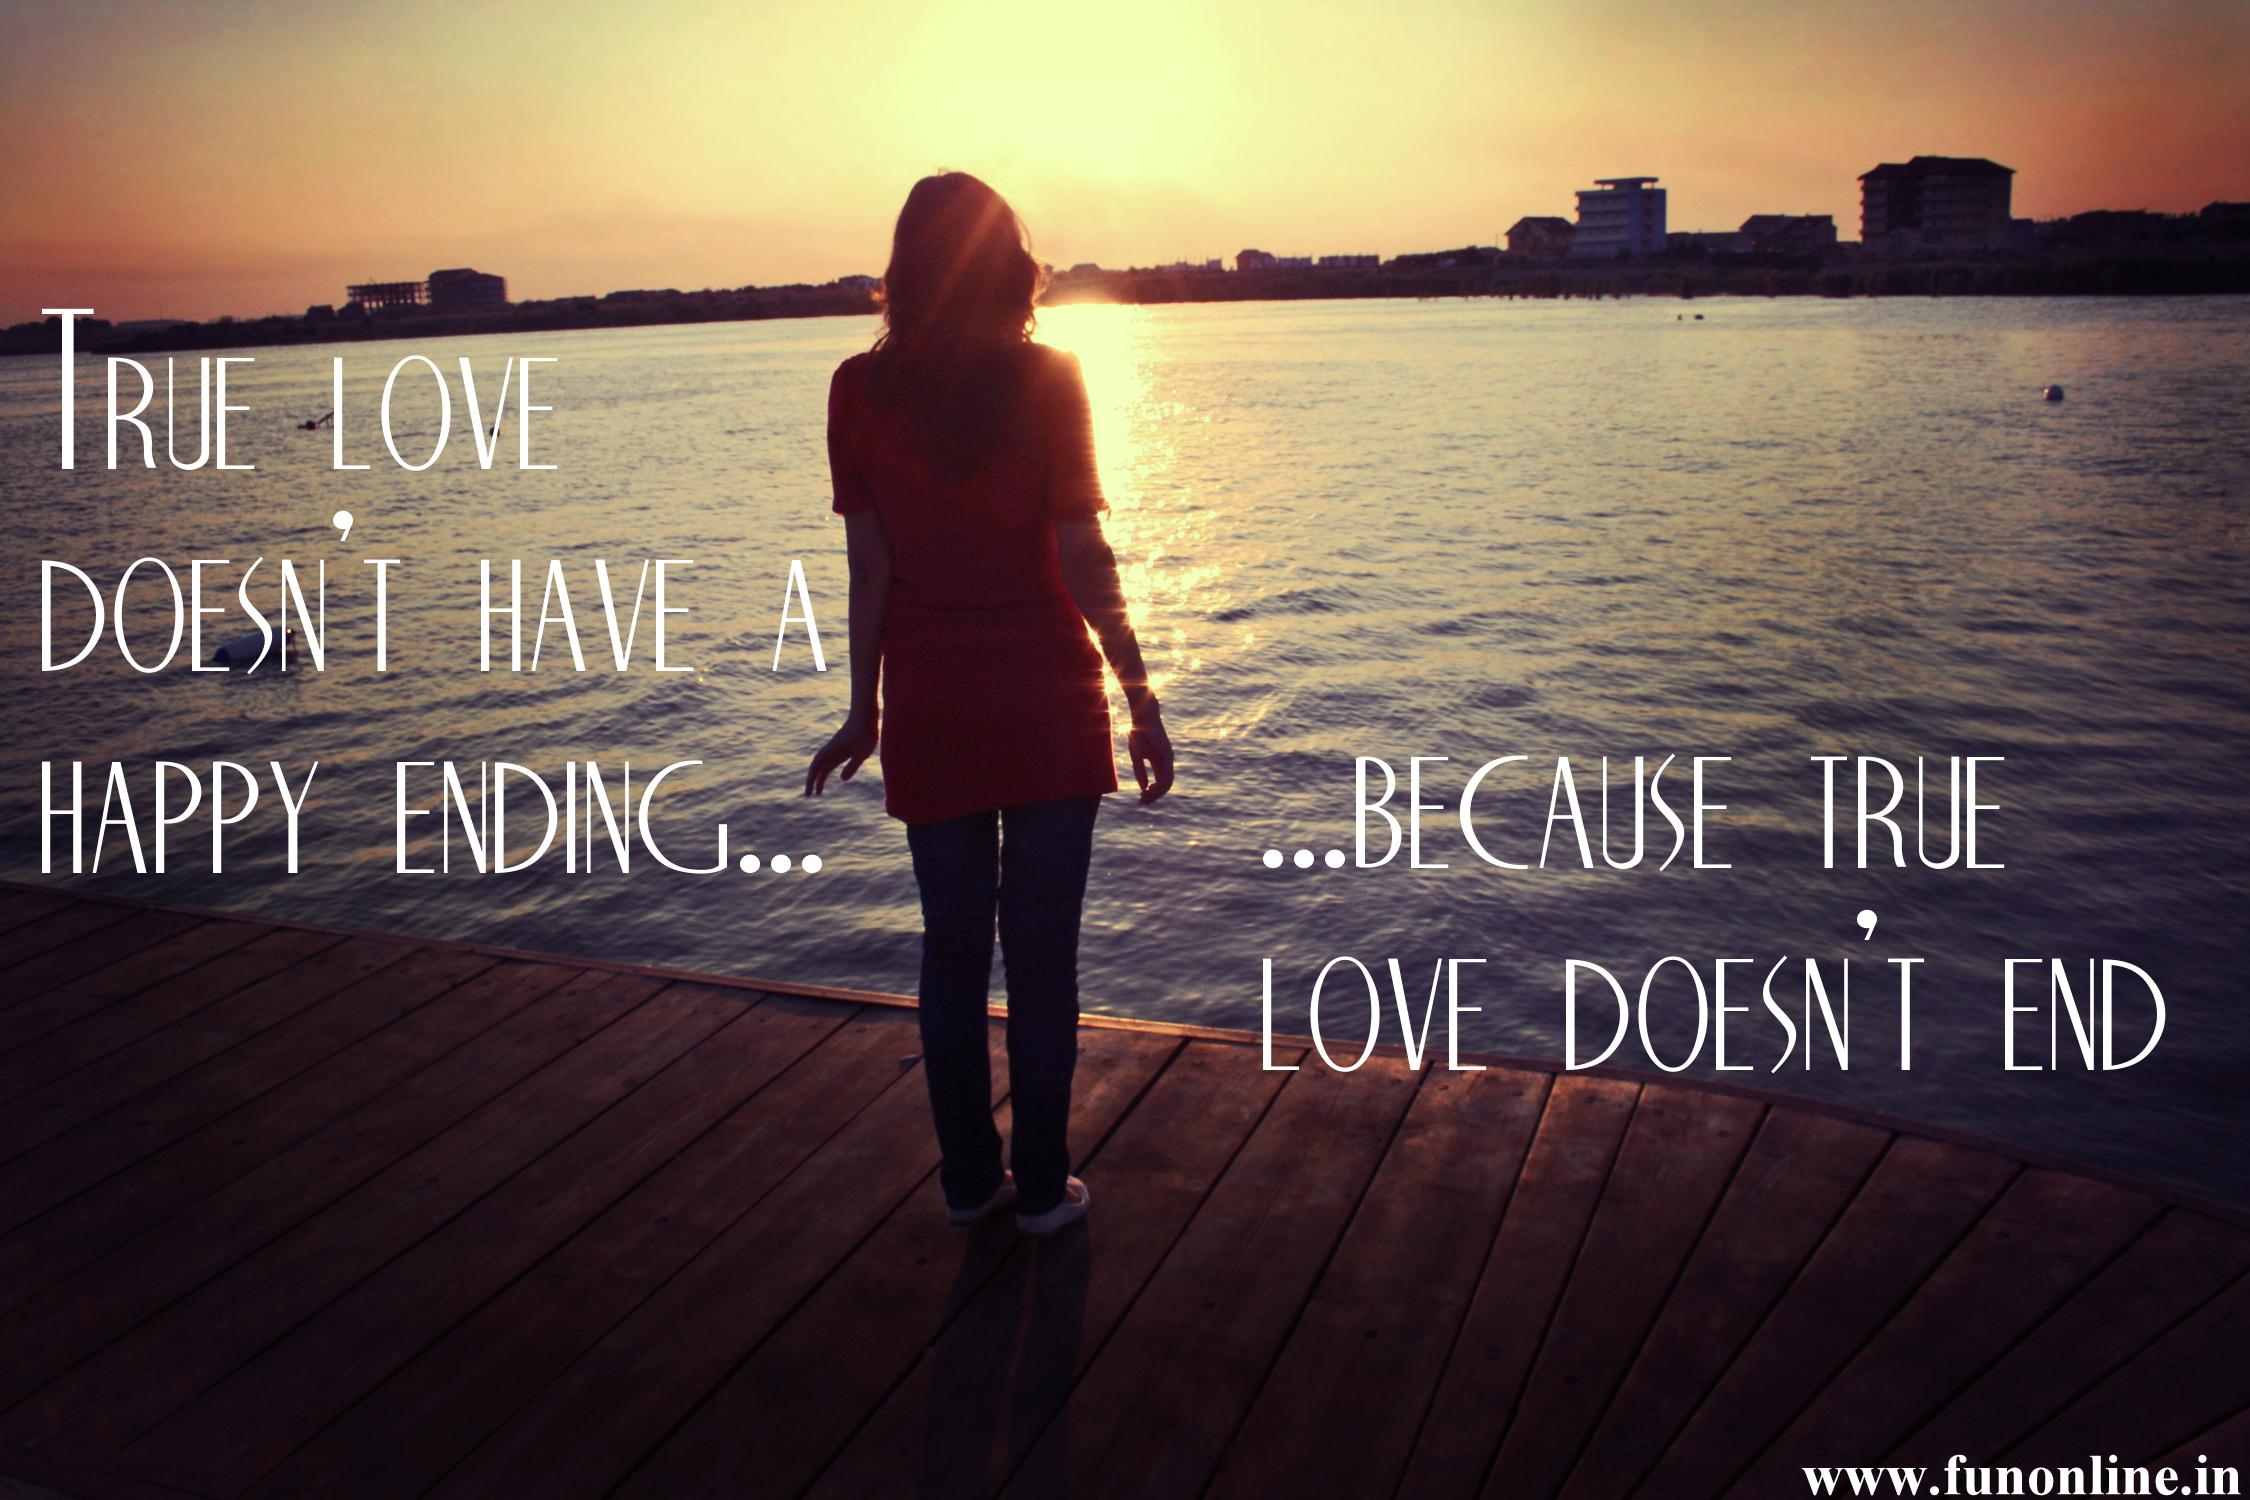 Love Quotes Wallpaper 22501500 21778 HD Wallpaper Res 2250x1500 2250x1500